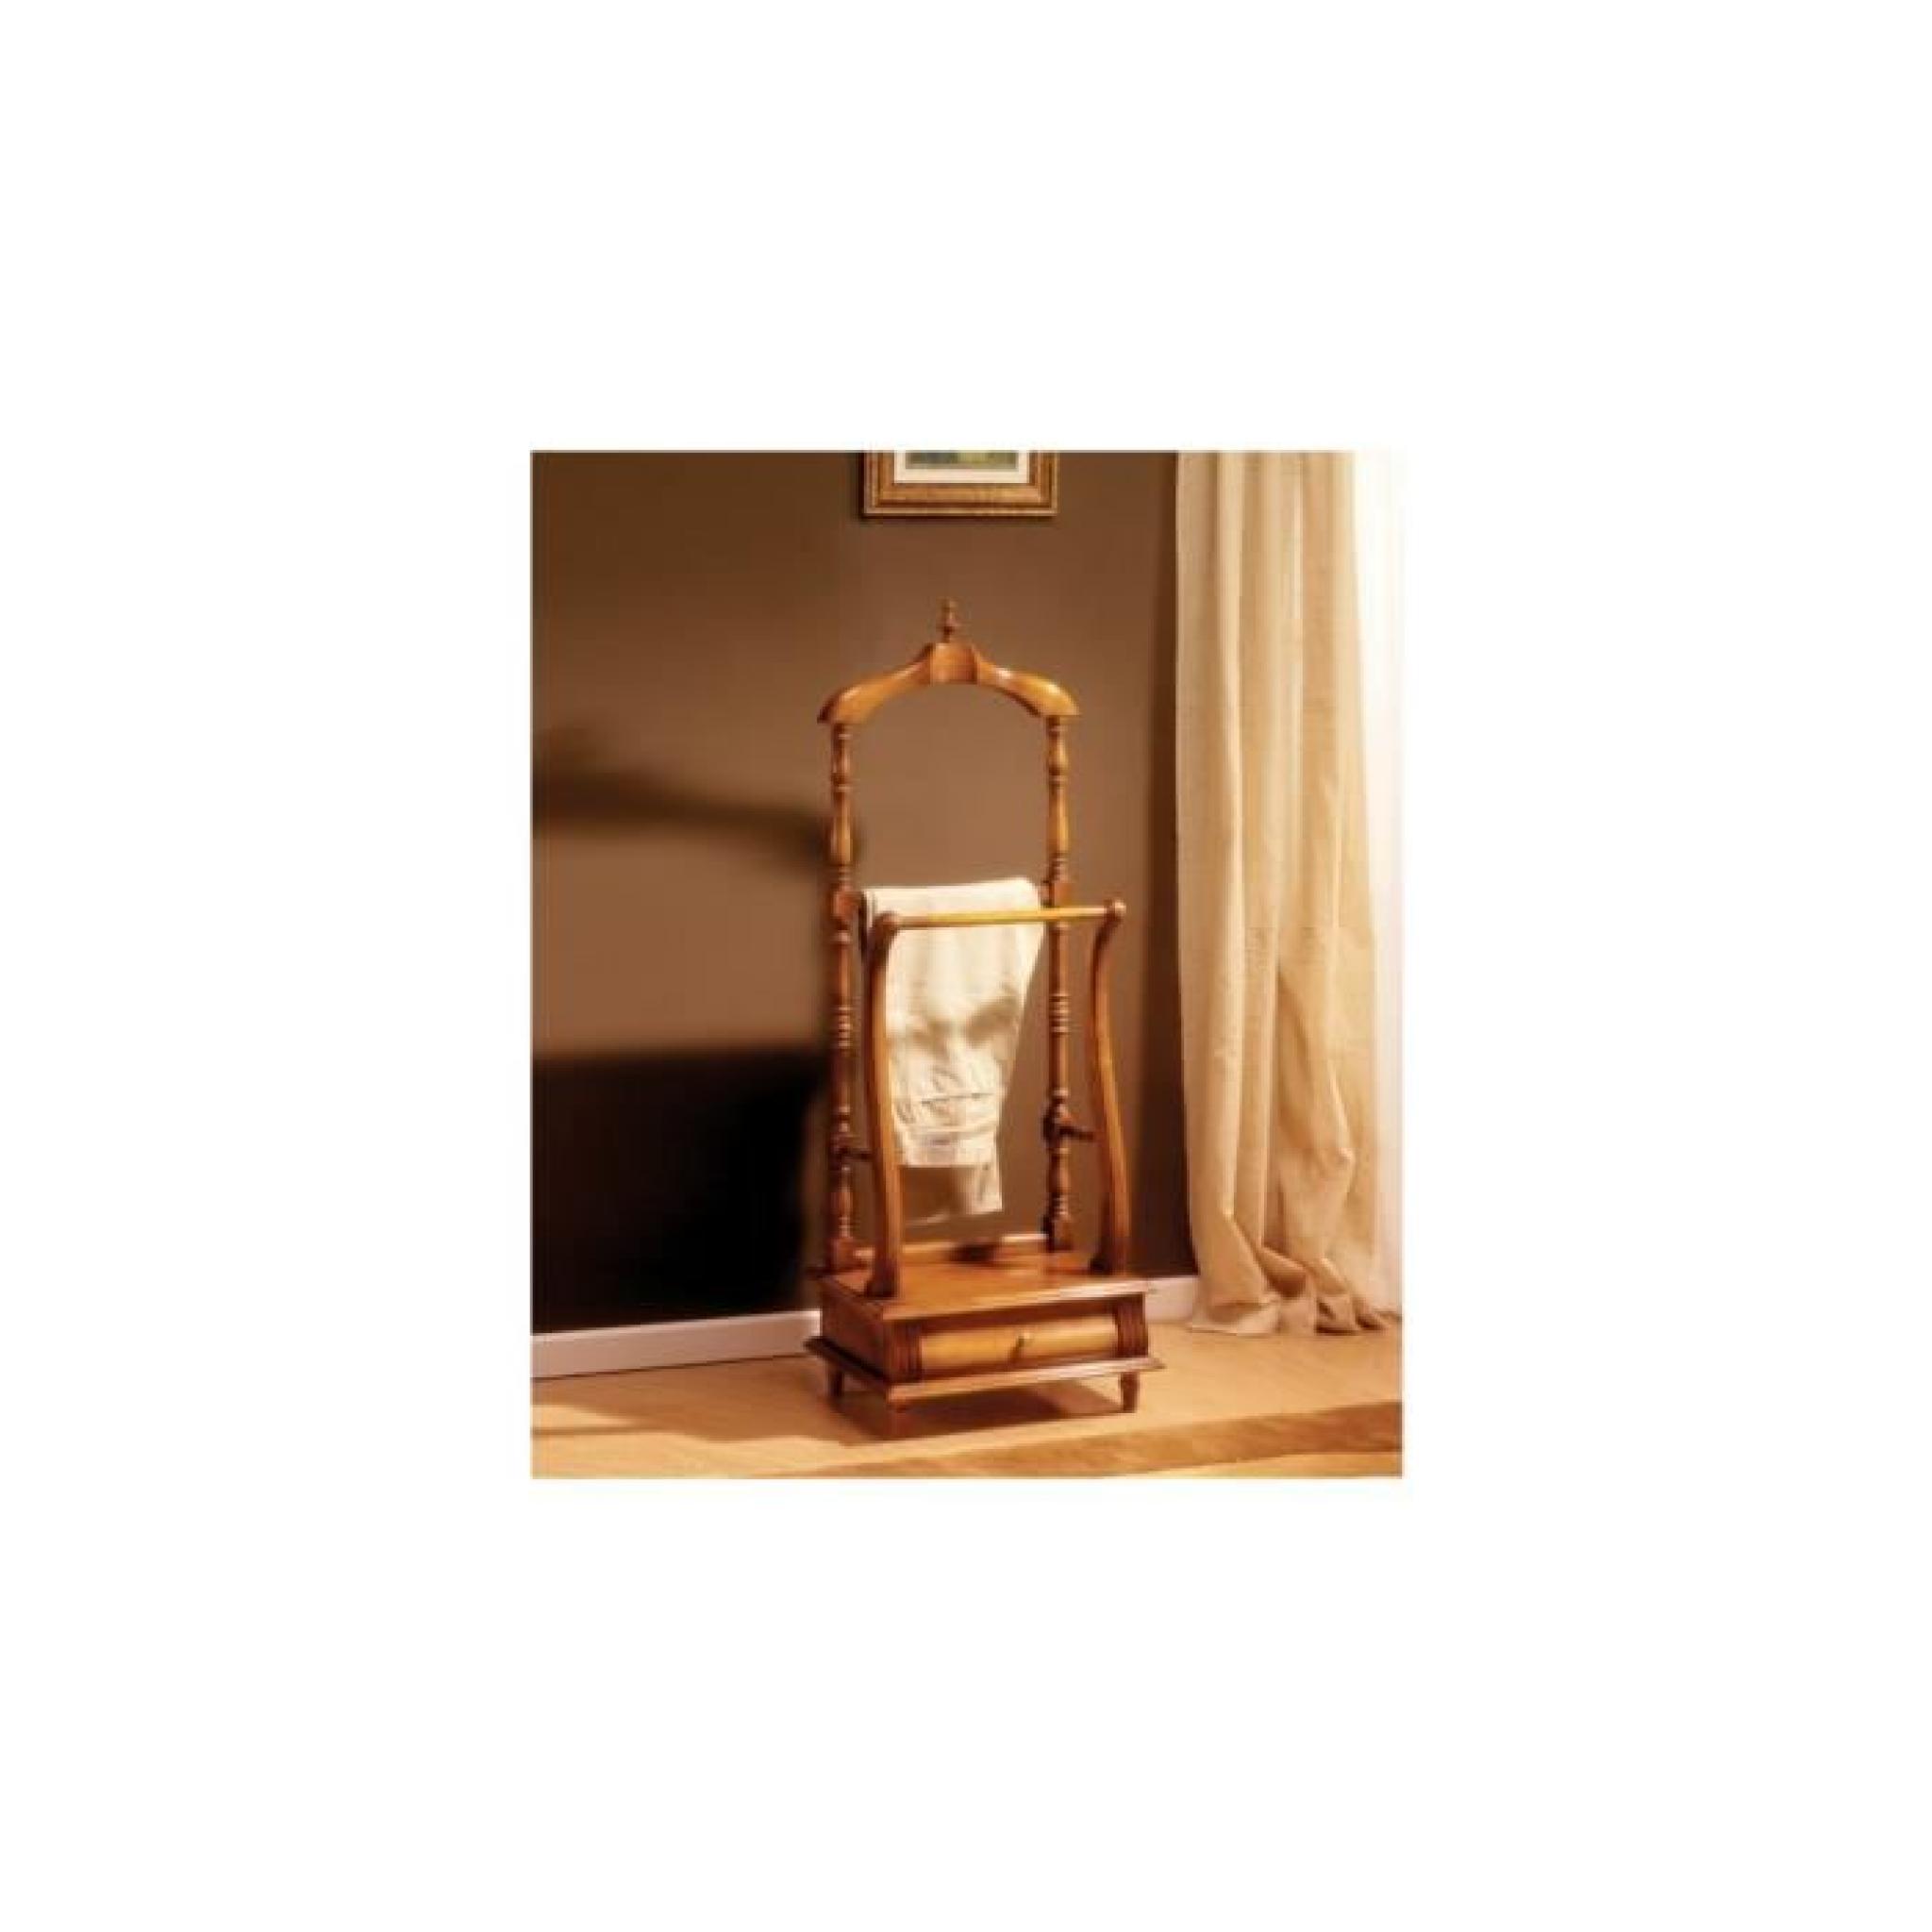 valet de chambre pas cher elegant portant sur roulettes mtal noir with valet de chambre pas. Black Bedroom Furniture Sets. Home Design Ideas